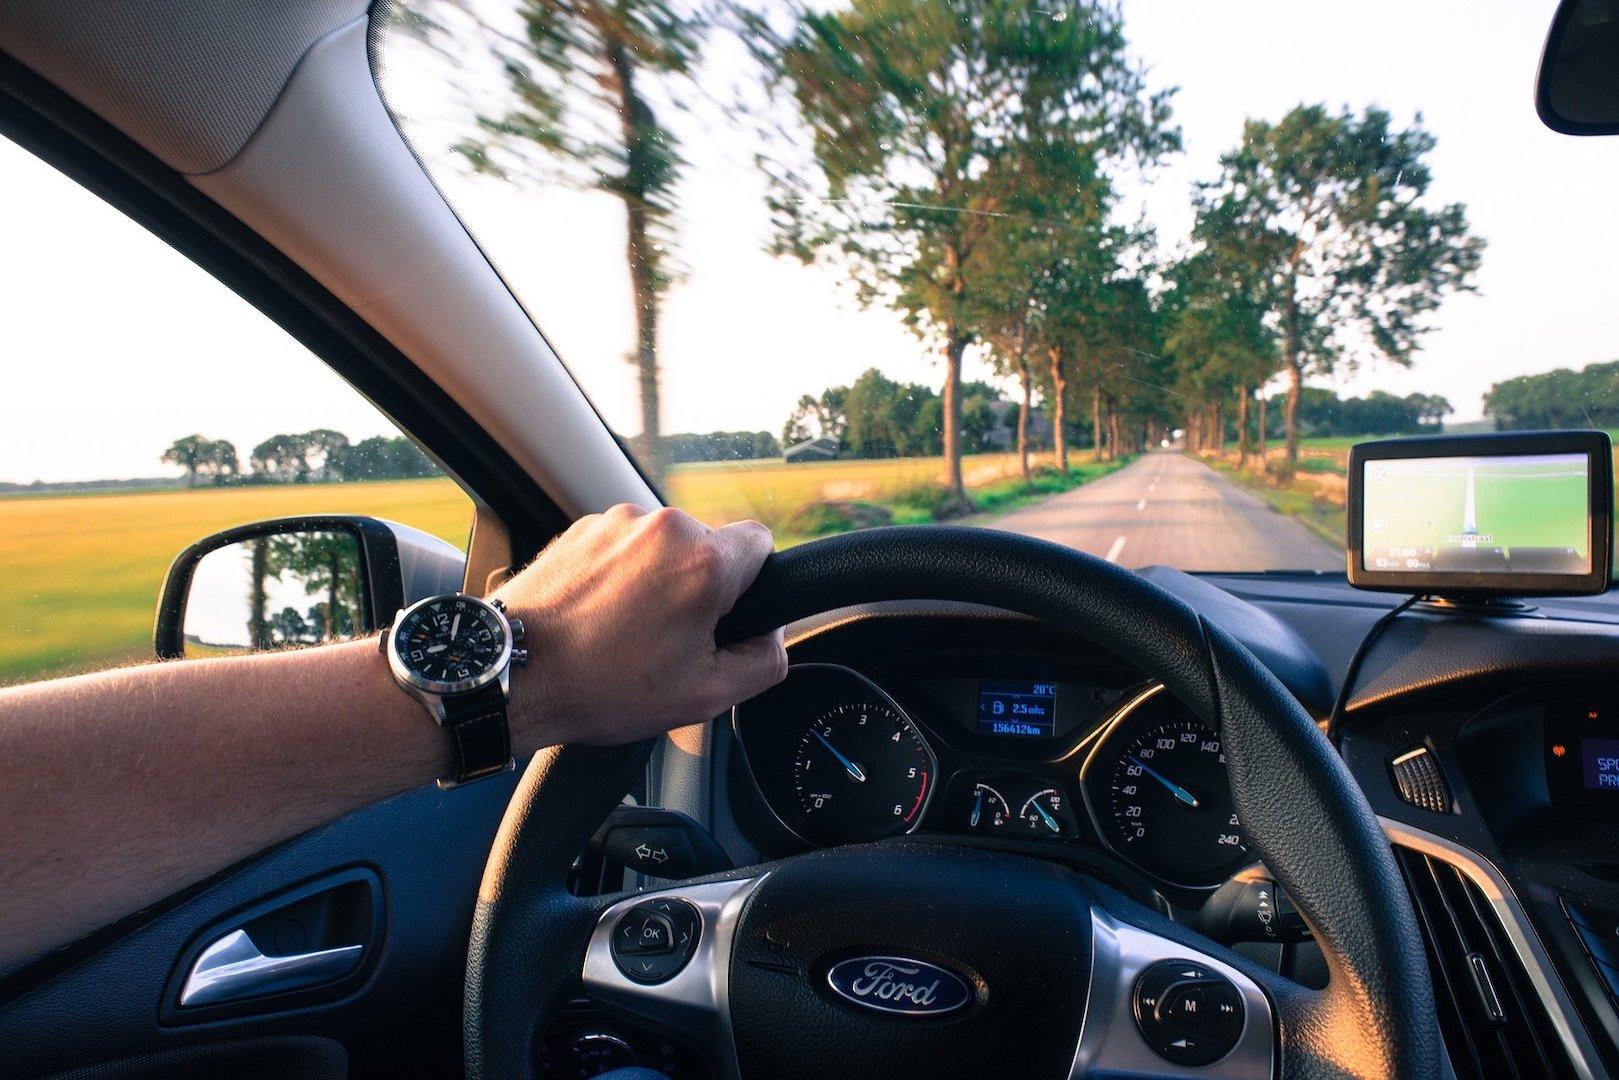 Wann darf ich im Notfall zu schnell fahren